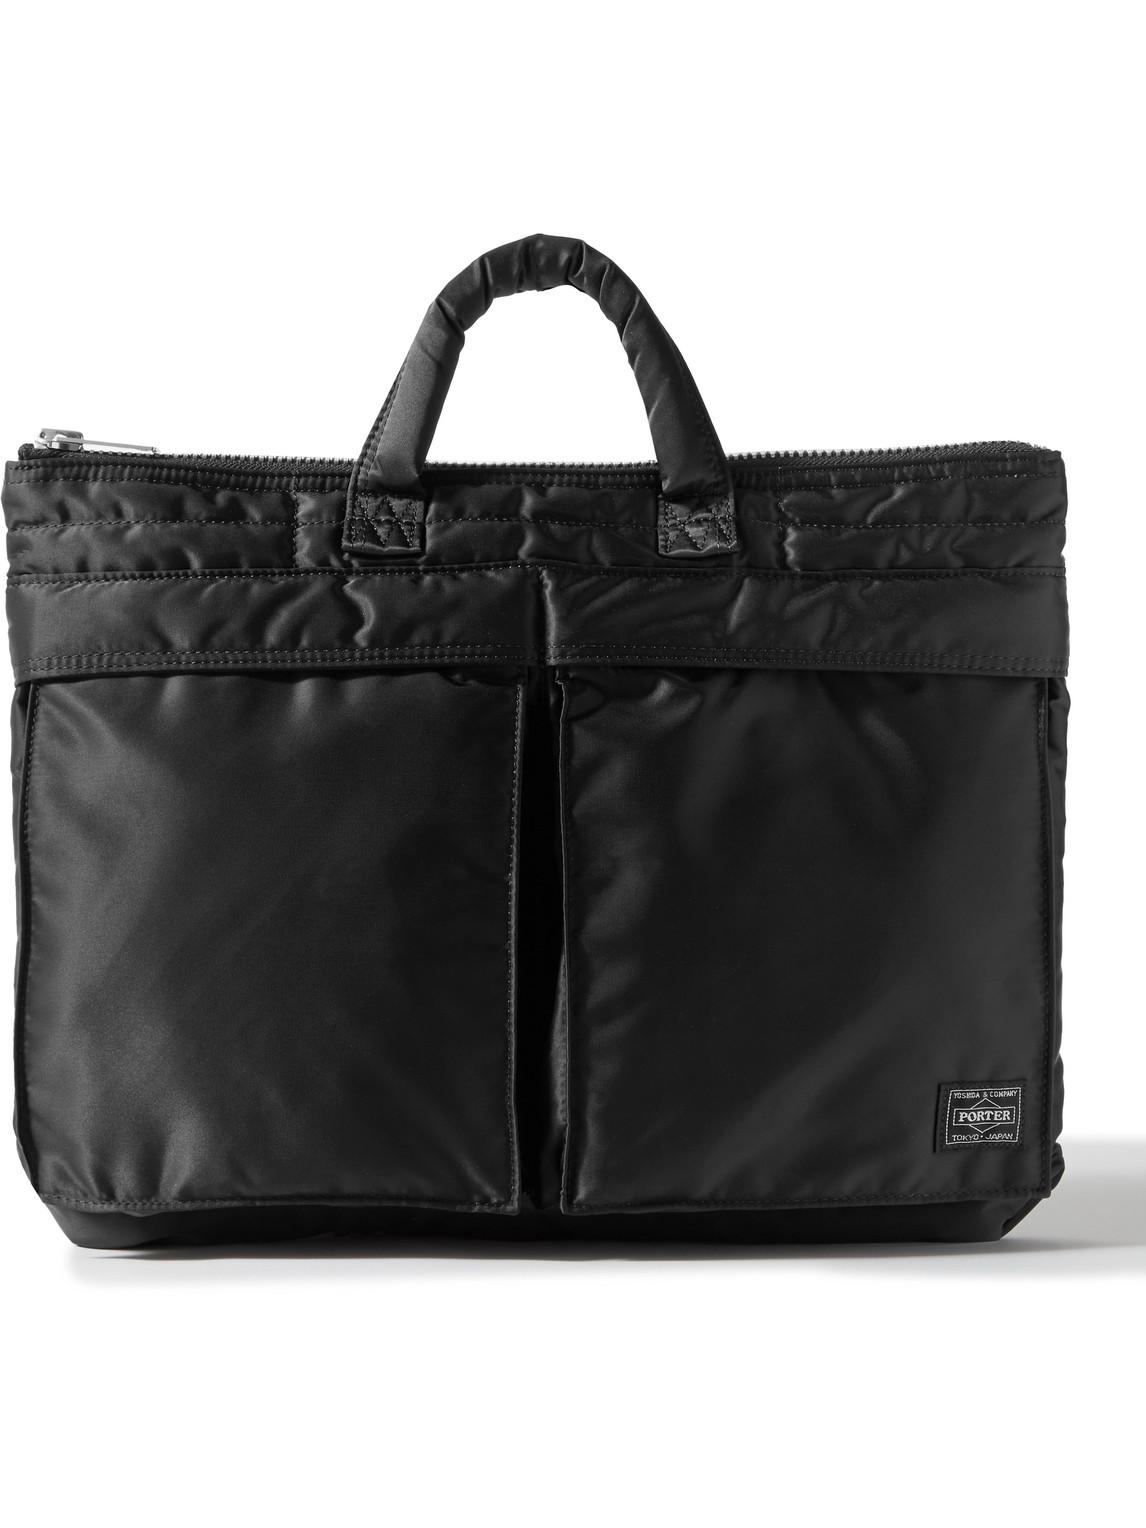 Porter, Yoshida & Co Tanker Padded Nylon Briefcase In Black